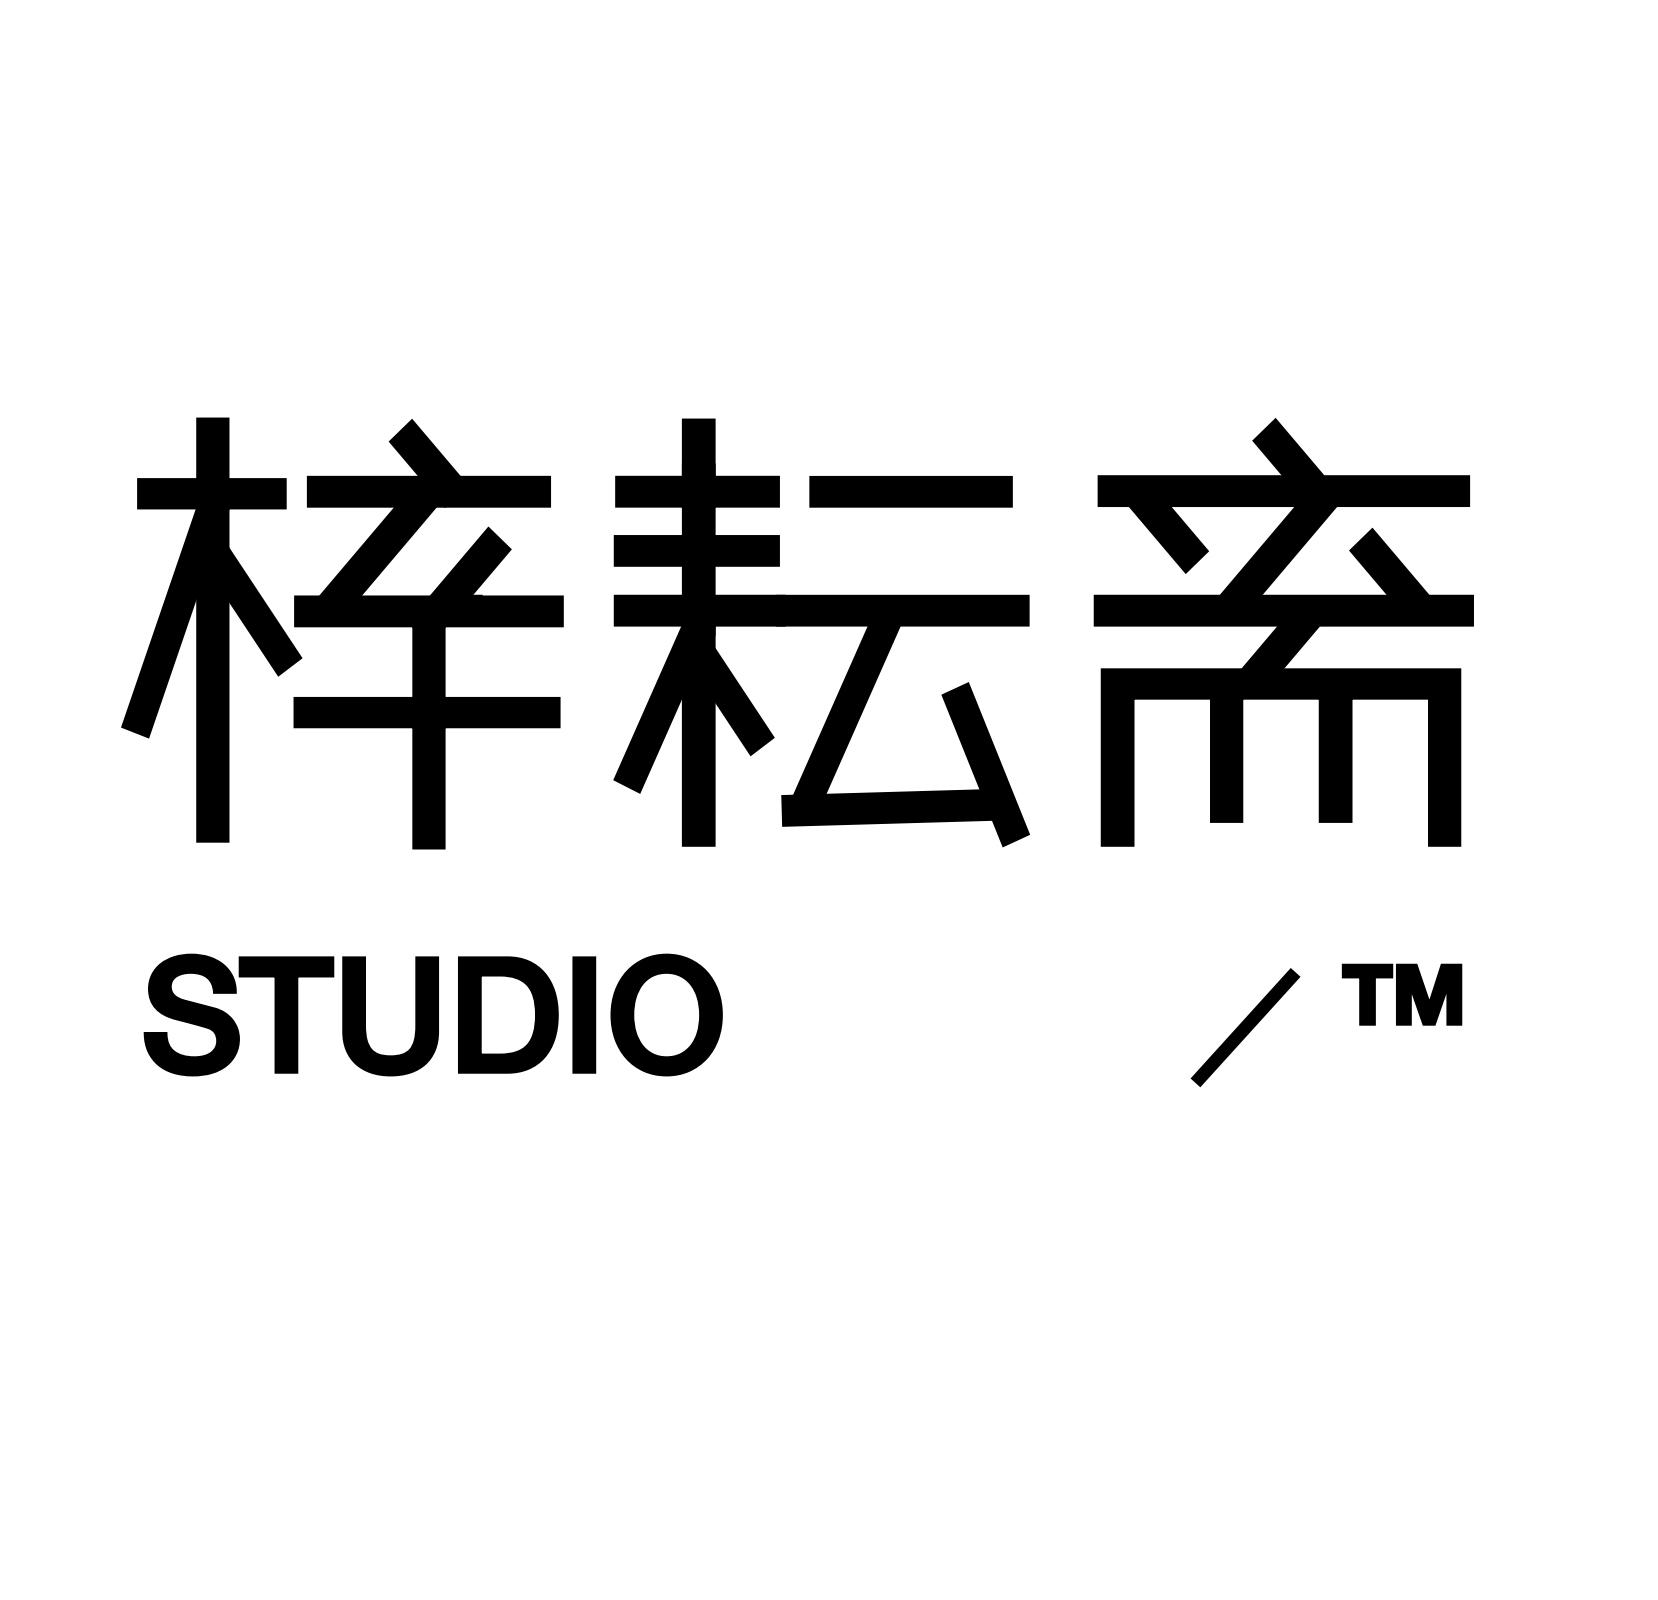 梓耘斋建筑TM Studio